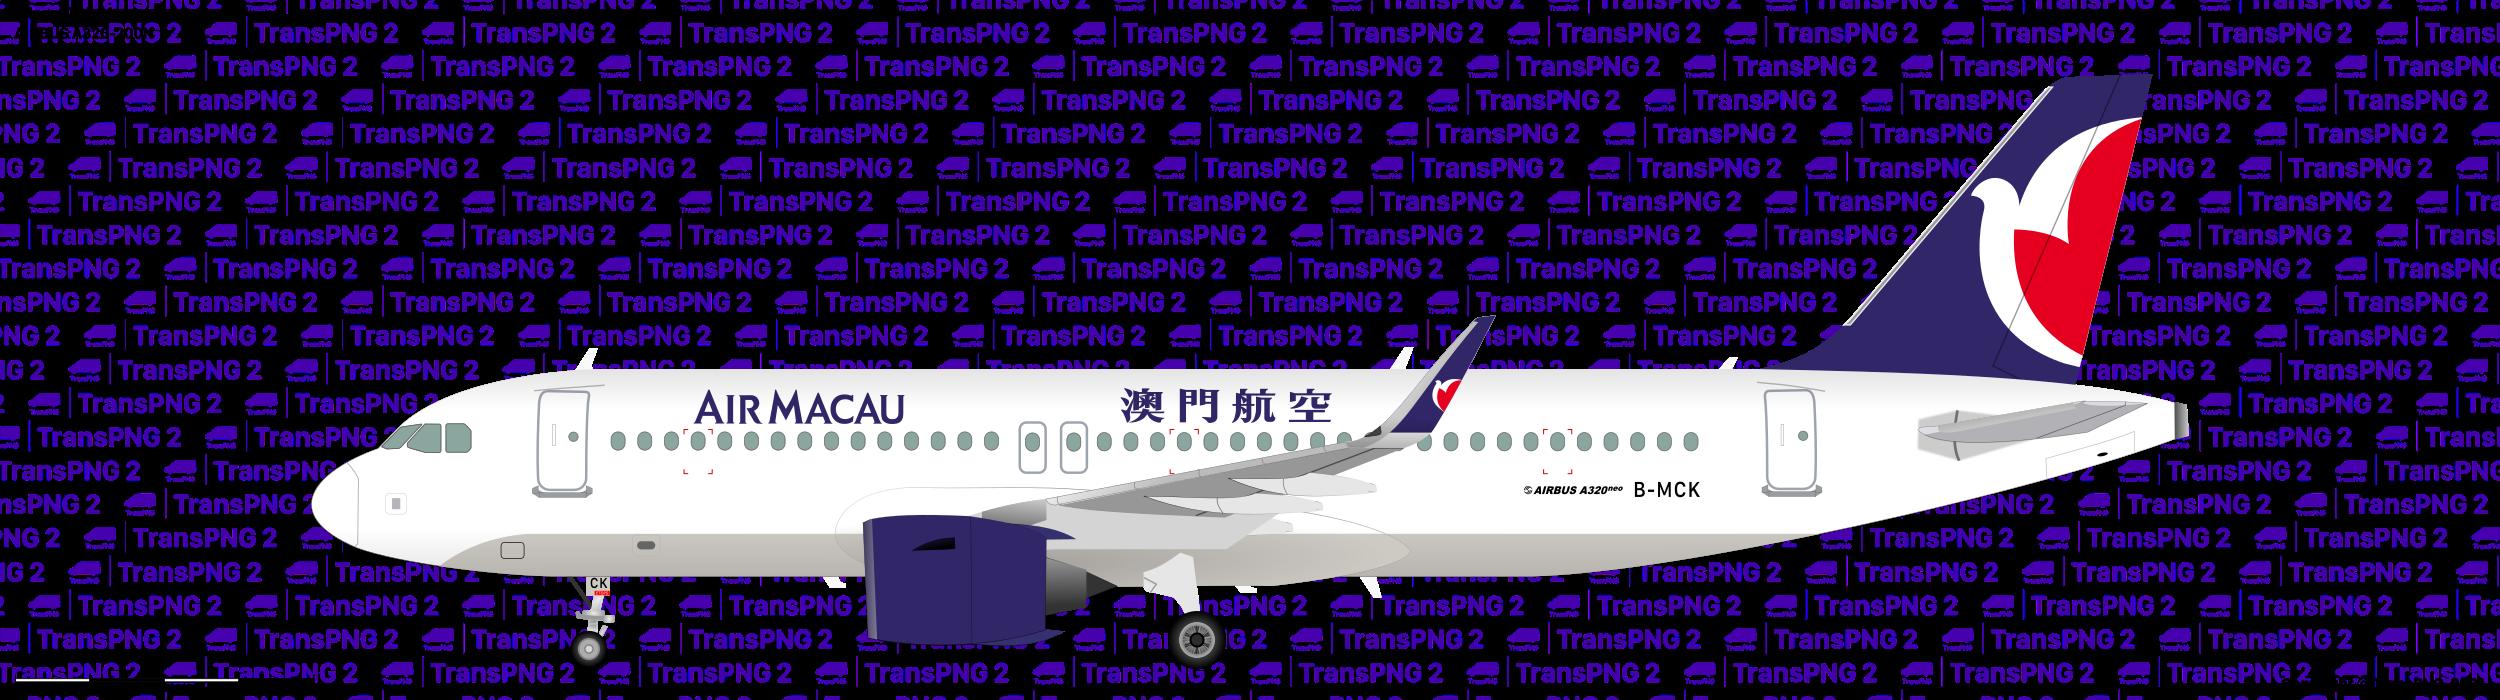 [25110] 澳門航空 25110